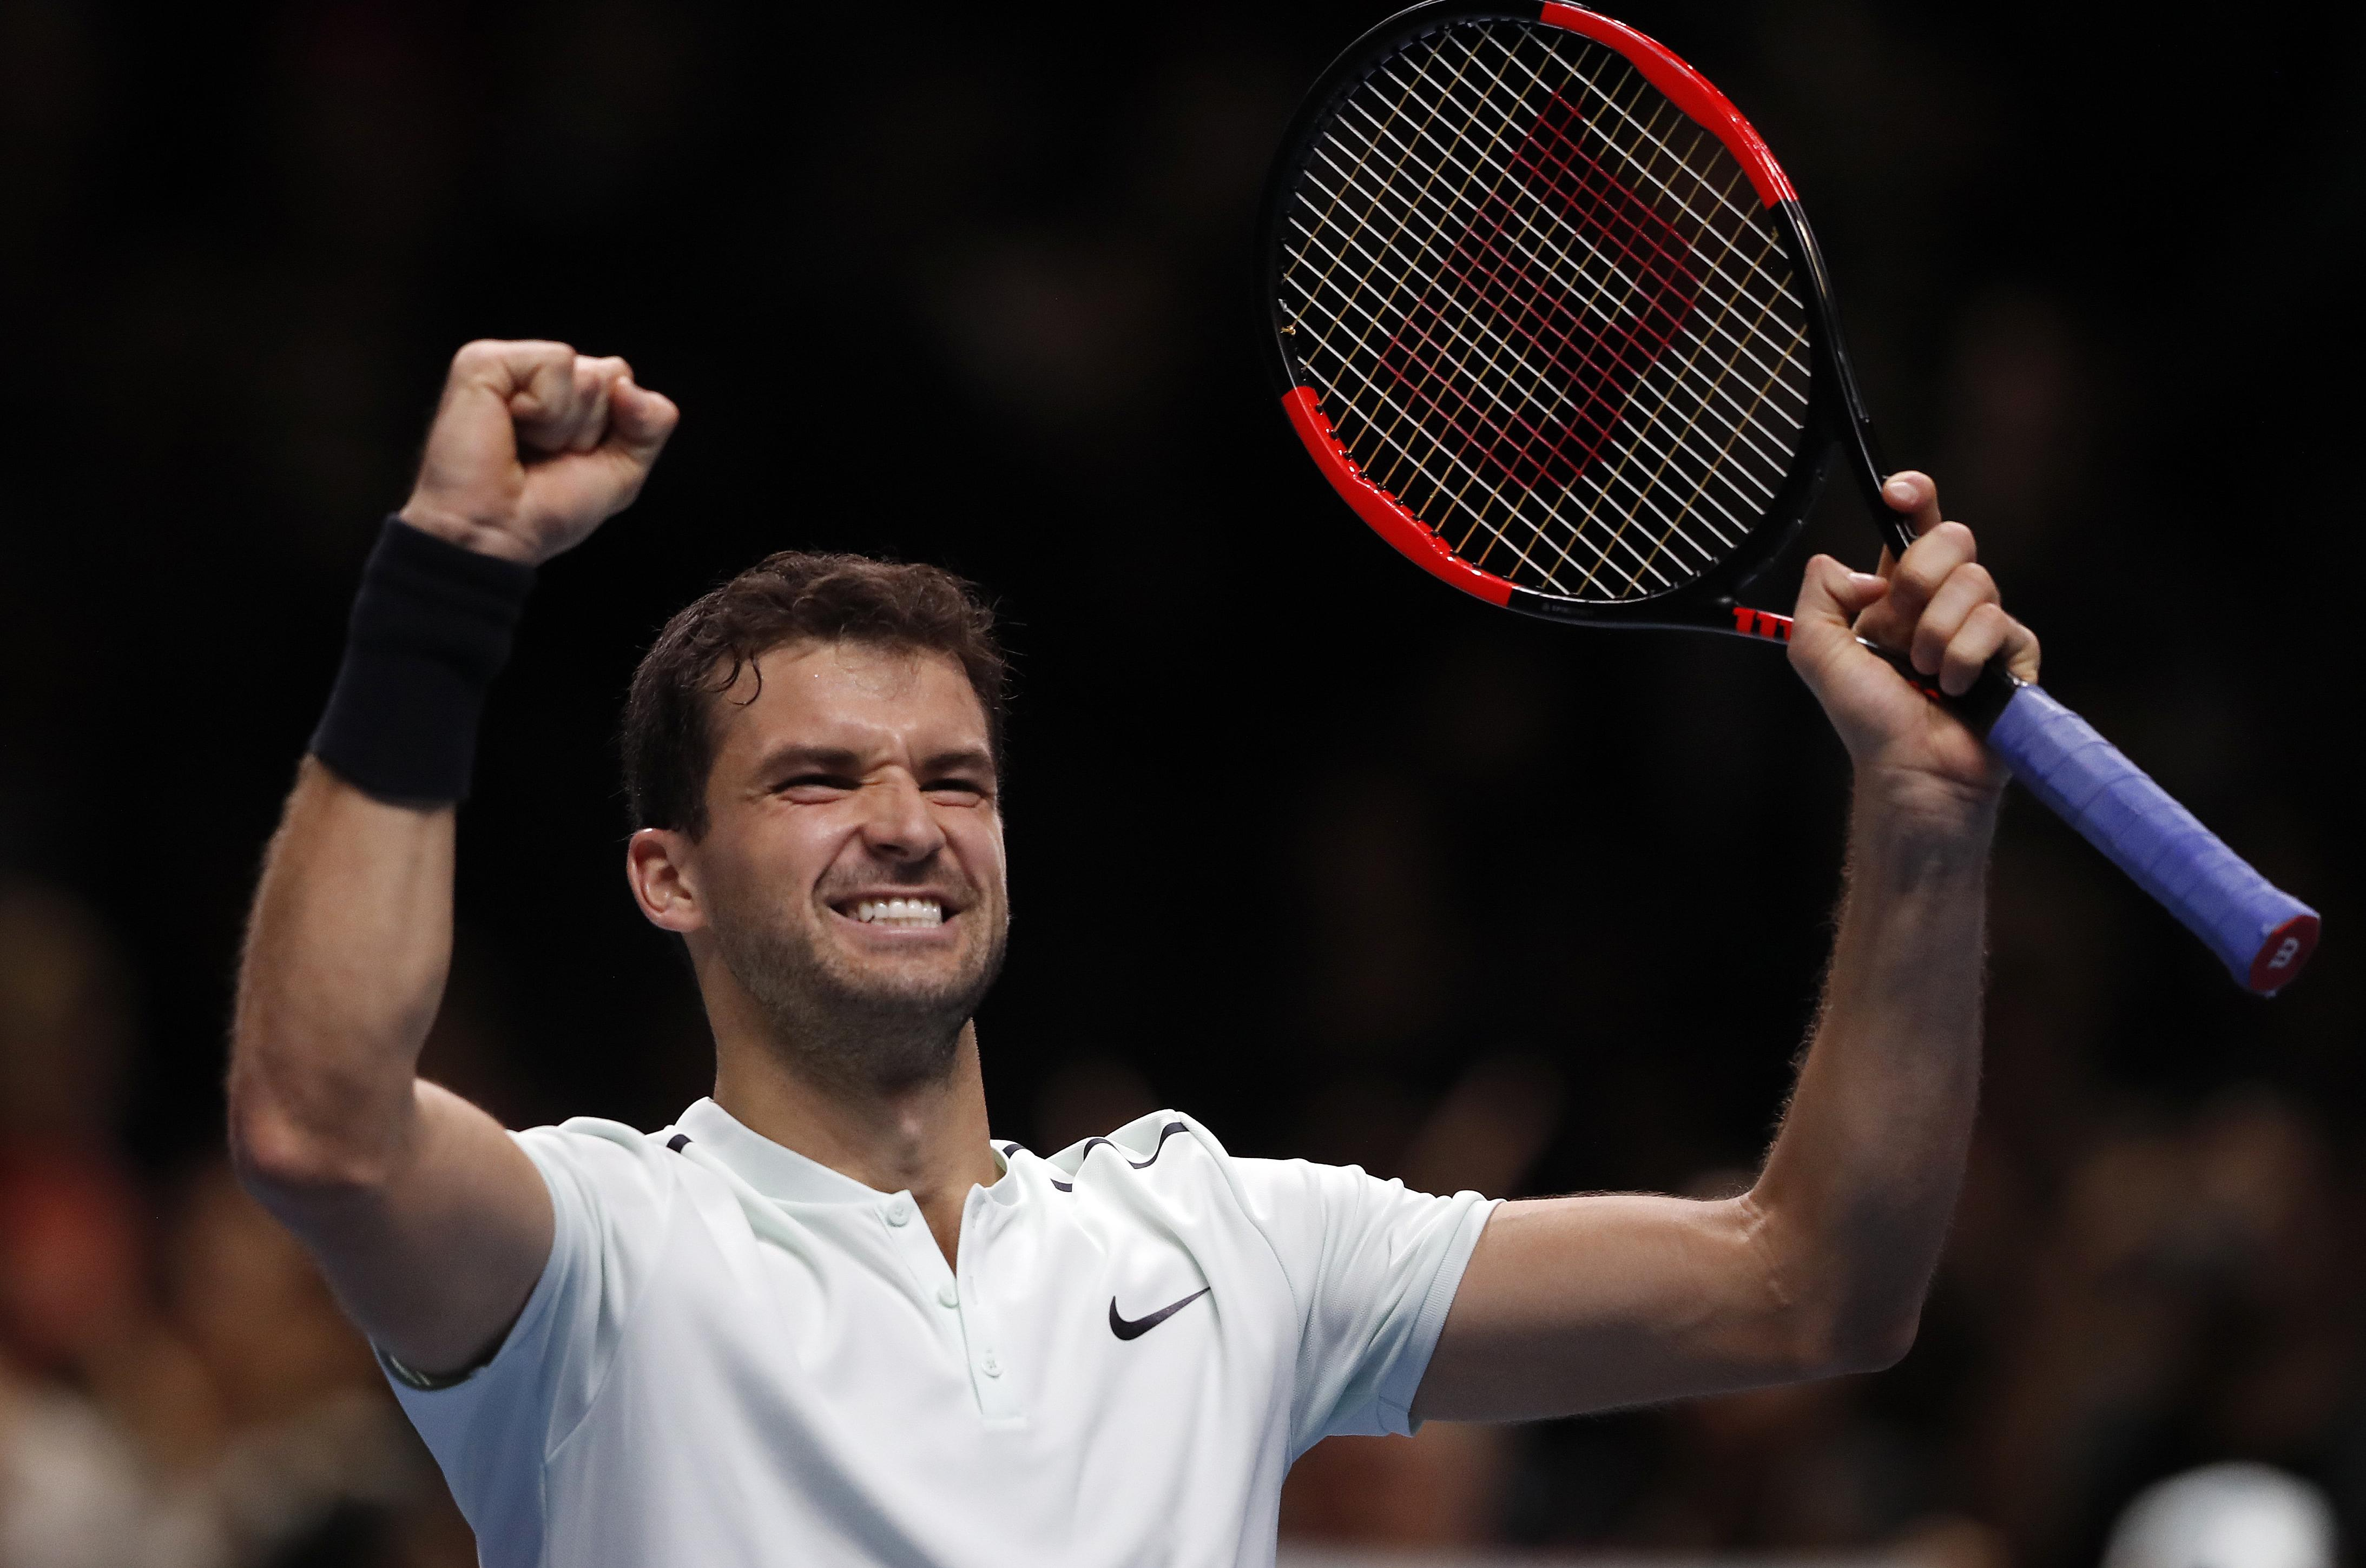 Grigor Dimitrov reaches semifinals at ATP Finals, beats